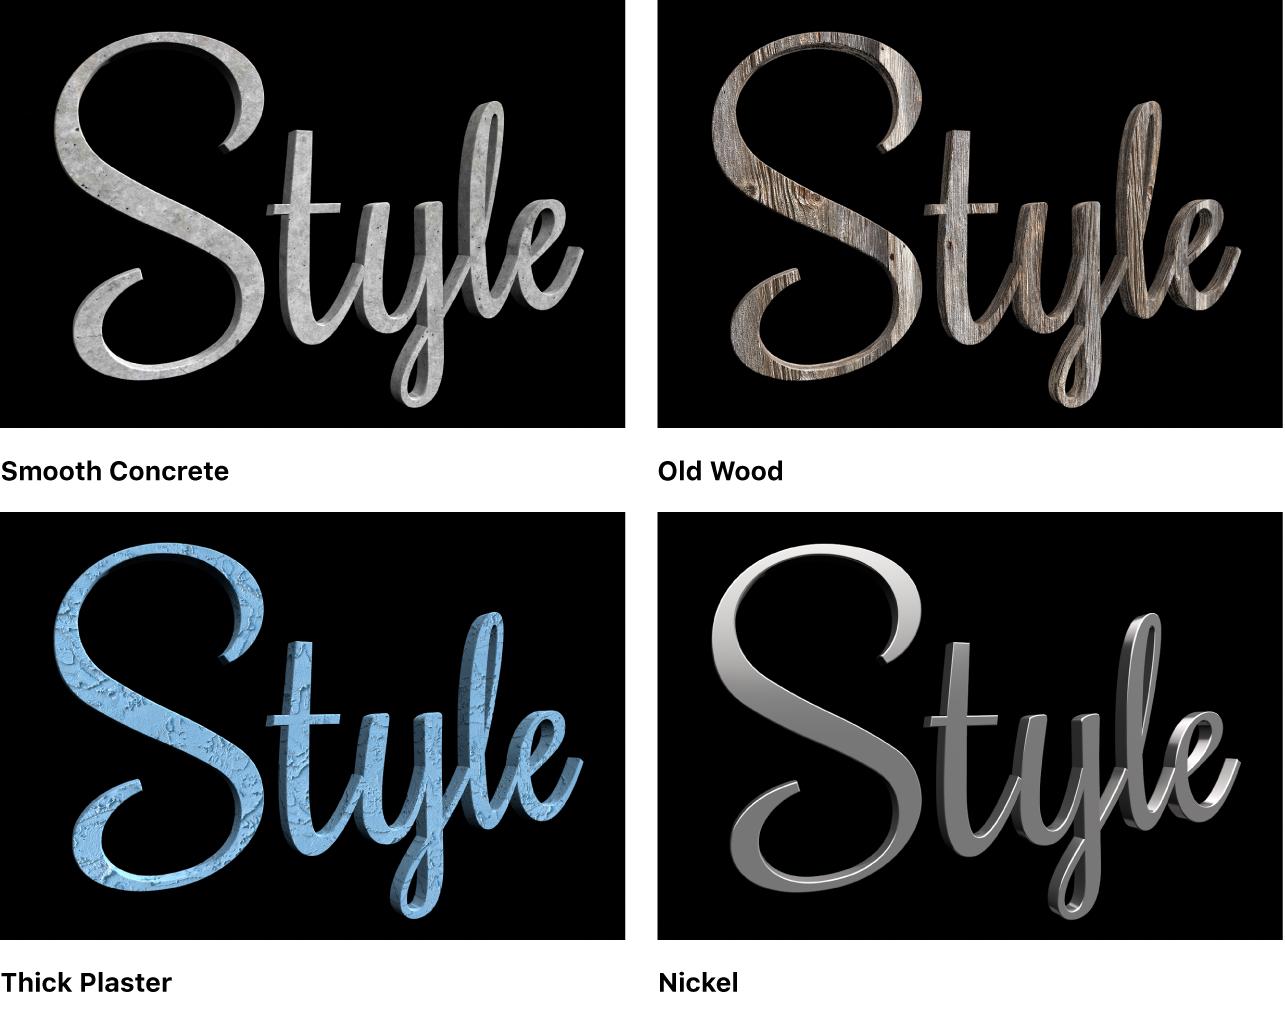 「平滑なコンクリート」、「古い木」、「厚塗りのしっくい」、「ニッケル」という異なるプリセット素材を適用した4つのバージョンの3Dテキストが表示されているビューア。